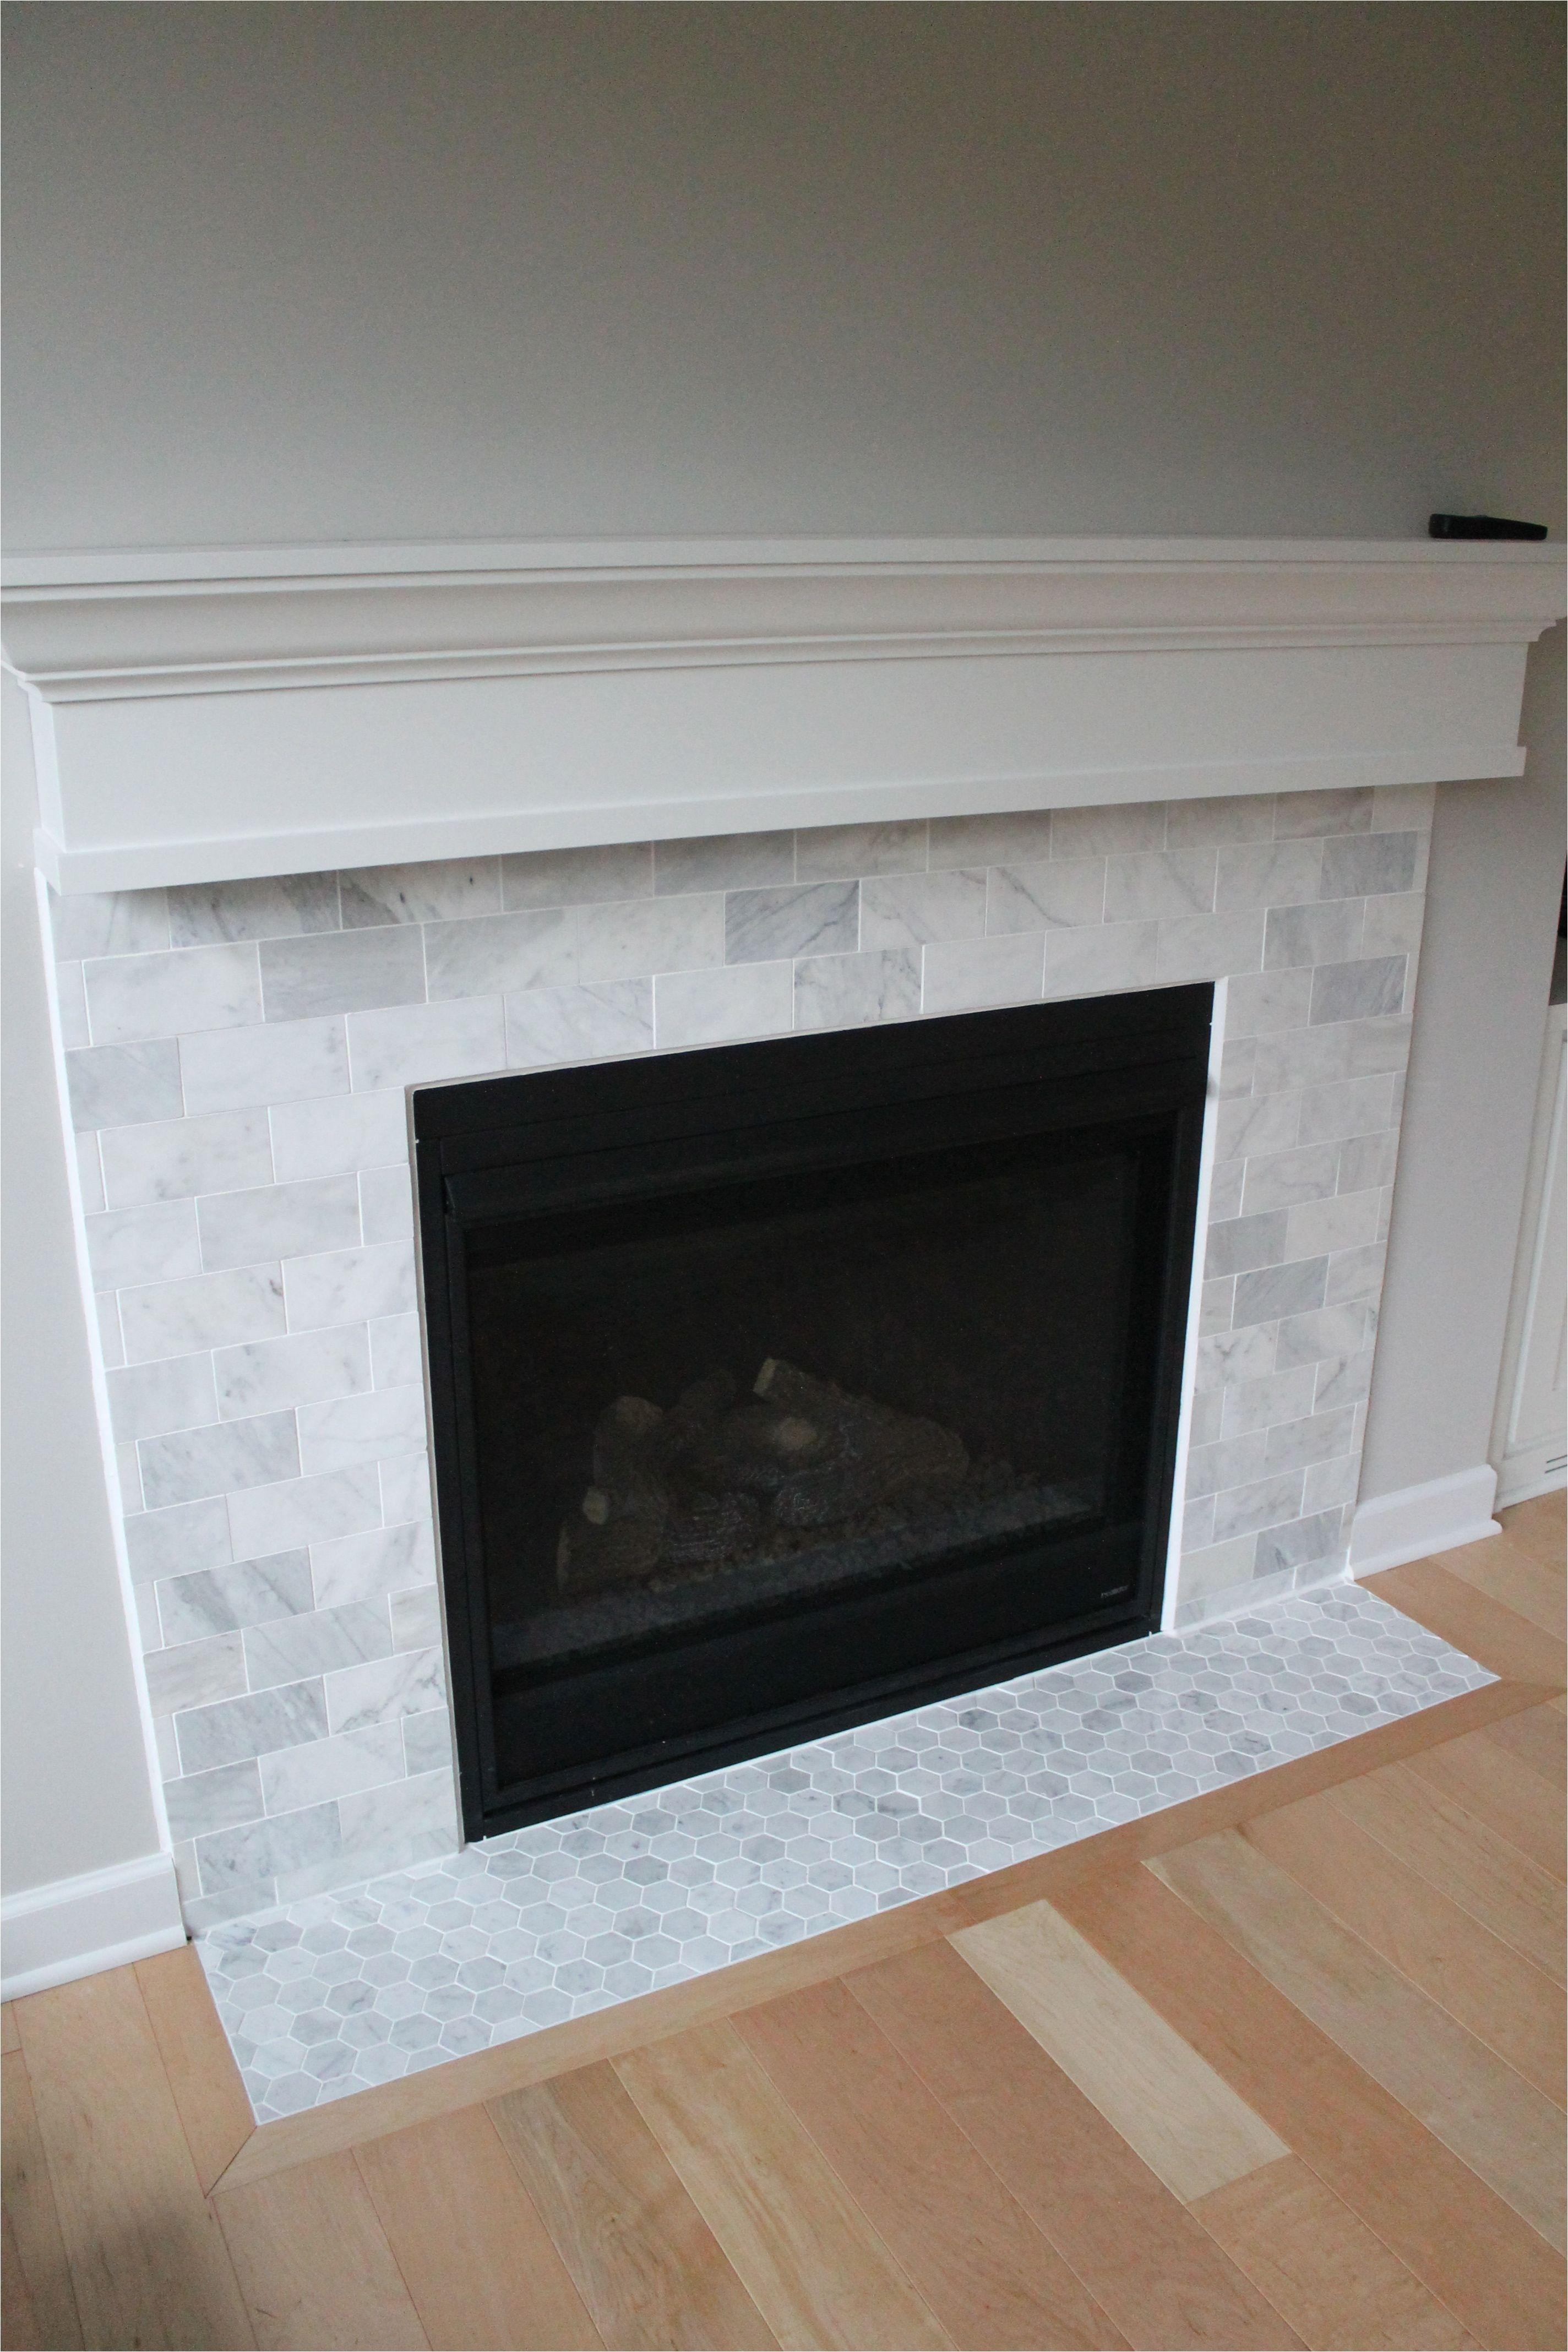 Quartz Tile Fireplace Surround Carrara Marble Fireplace Pinterest Fireplace Surrounds Marble